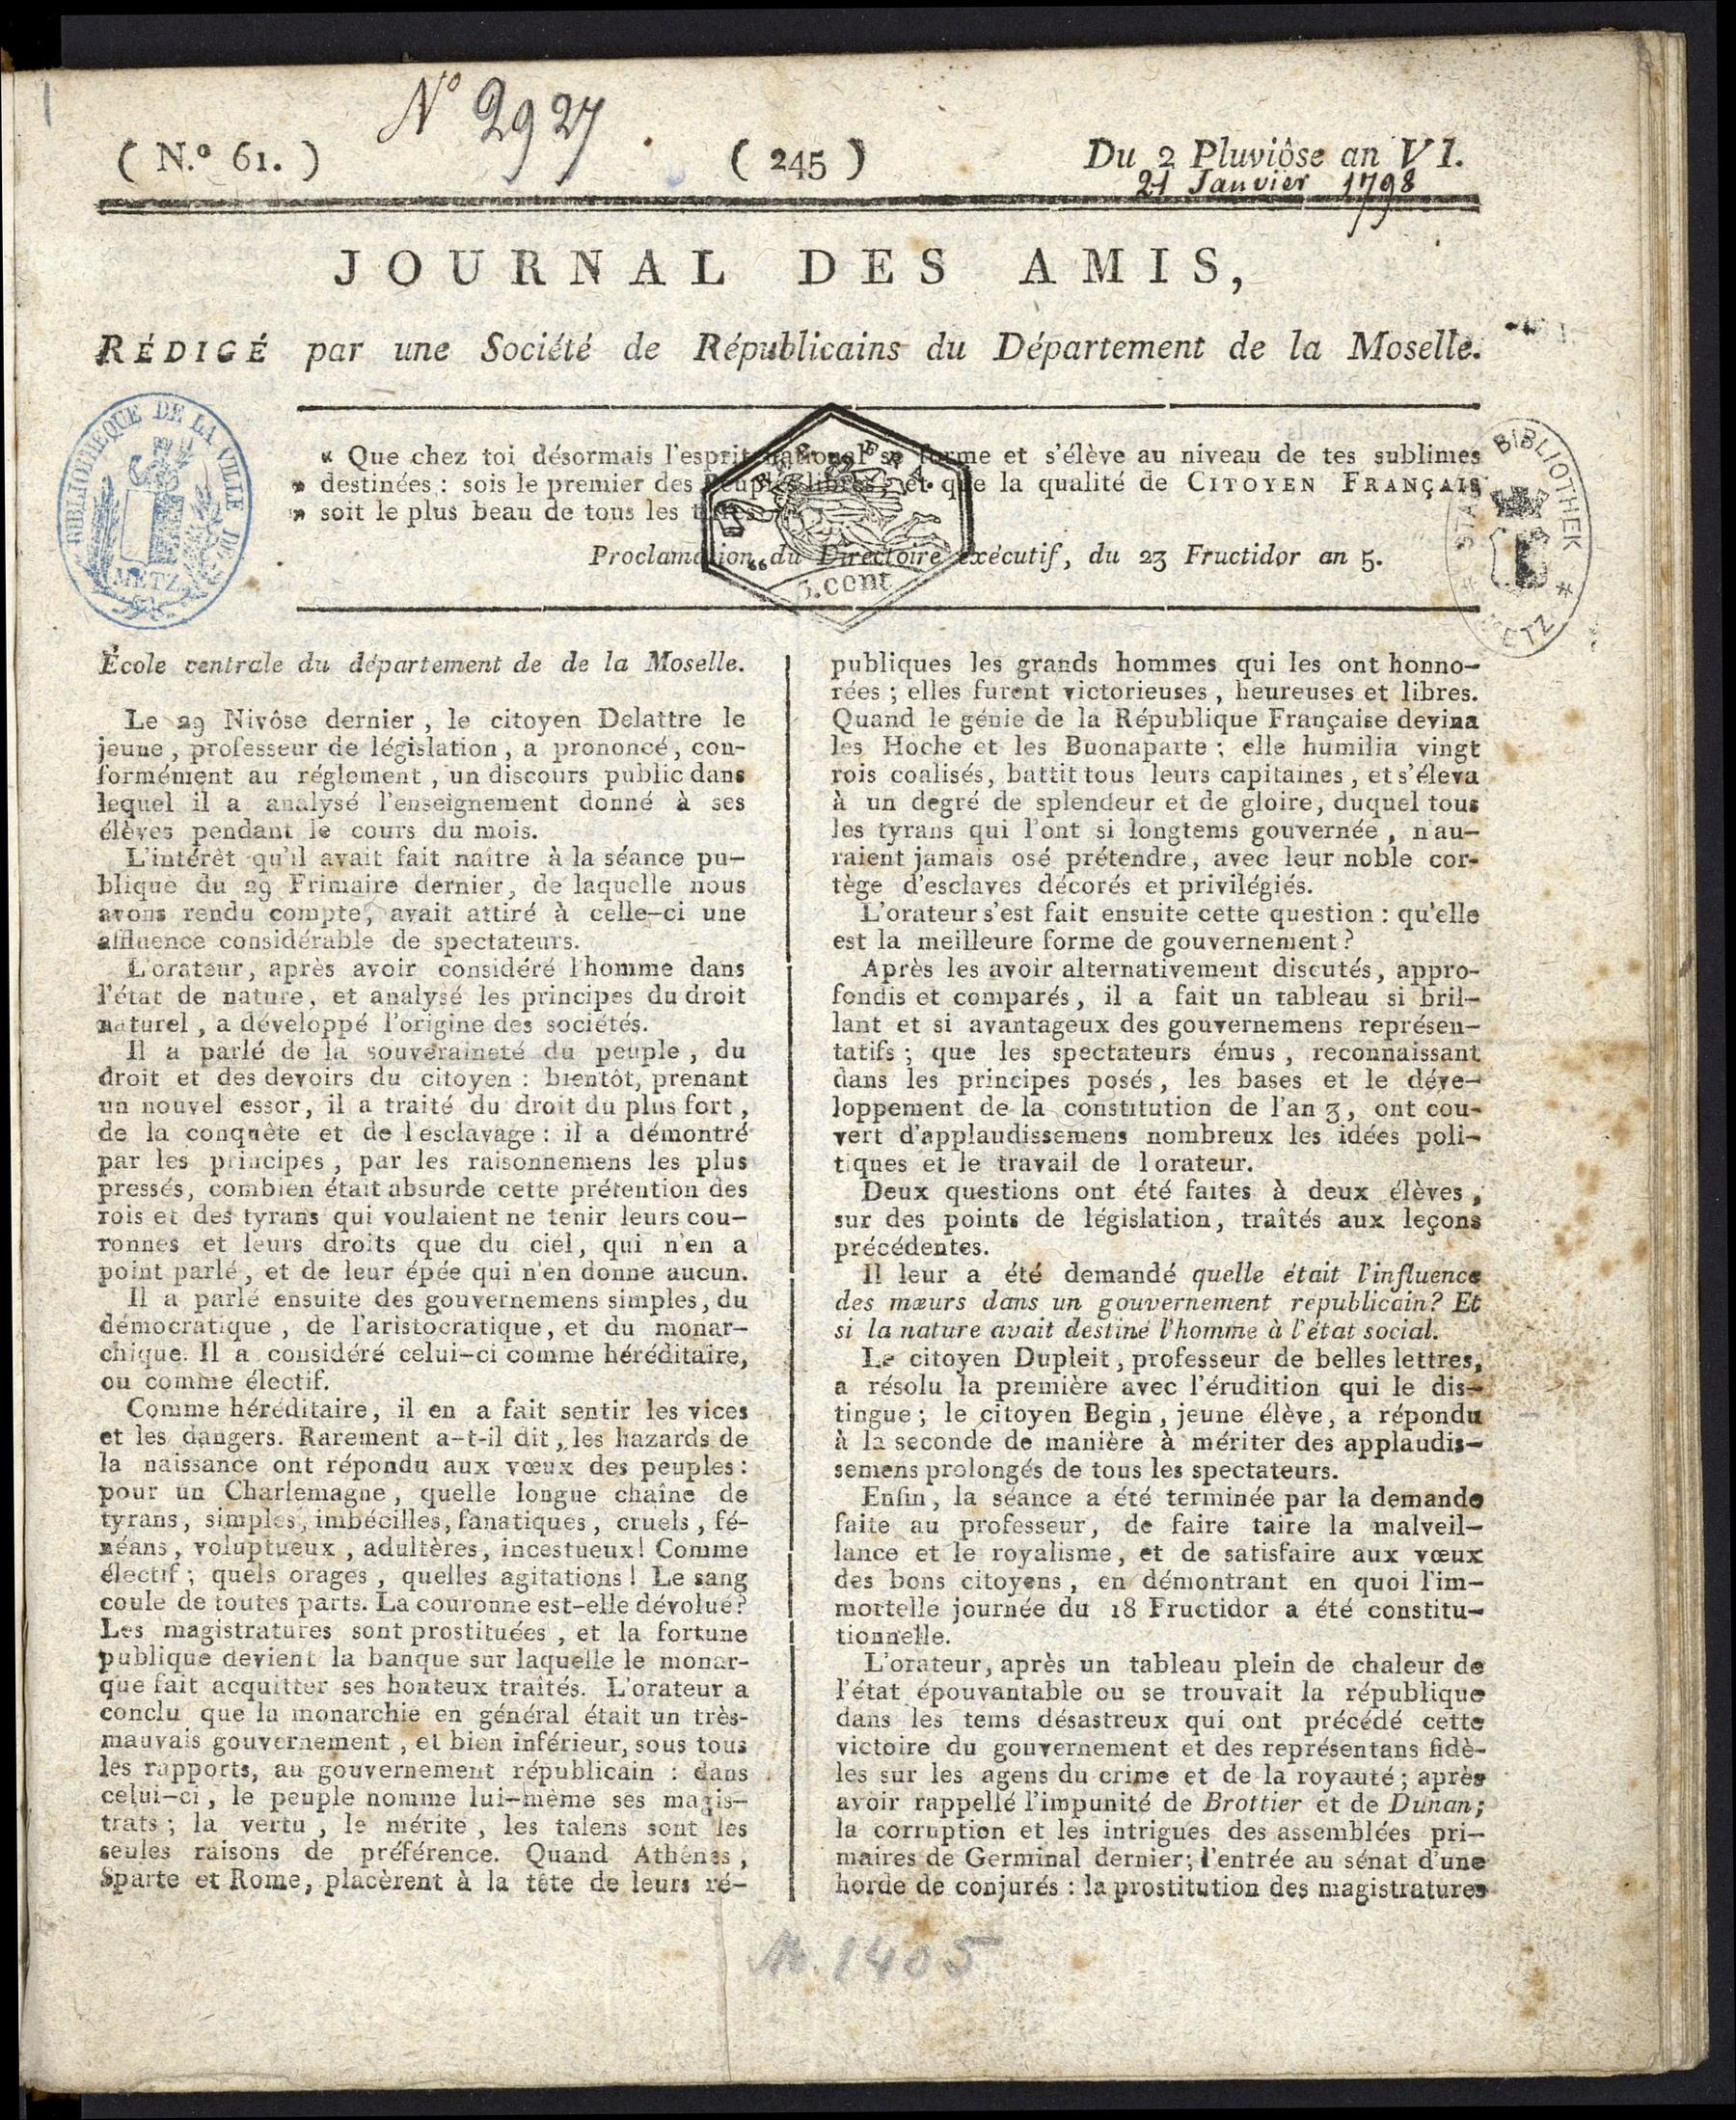 Contenu du Journal des amis